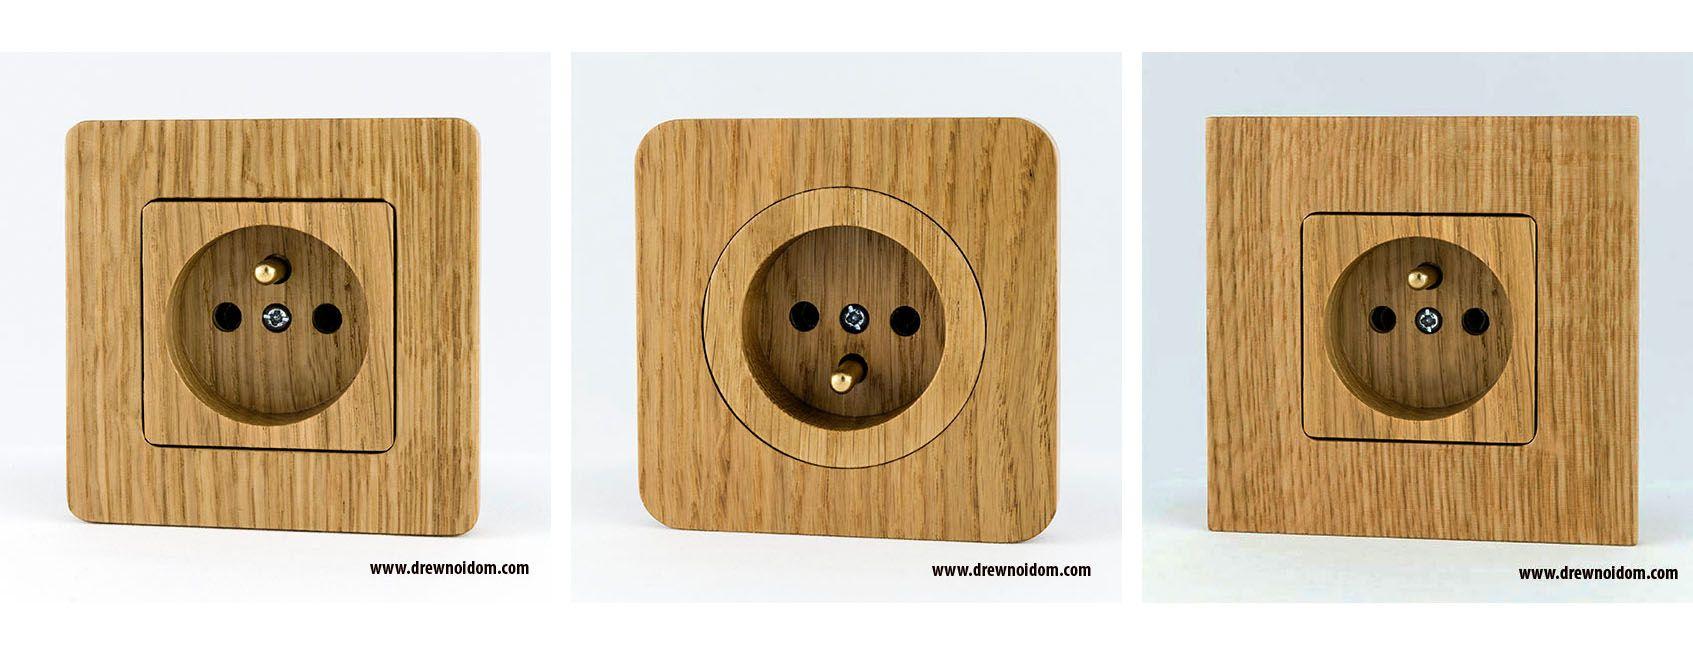 Wlaczniki Drewniane Ramki Drewniane Gniazdka Drewnane Kontakty Drewniane Kontakt Drewniany Wlacznik Drewniany Wlaczniki Drewniane Symbols Letters